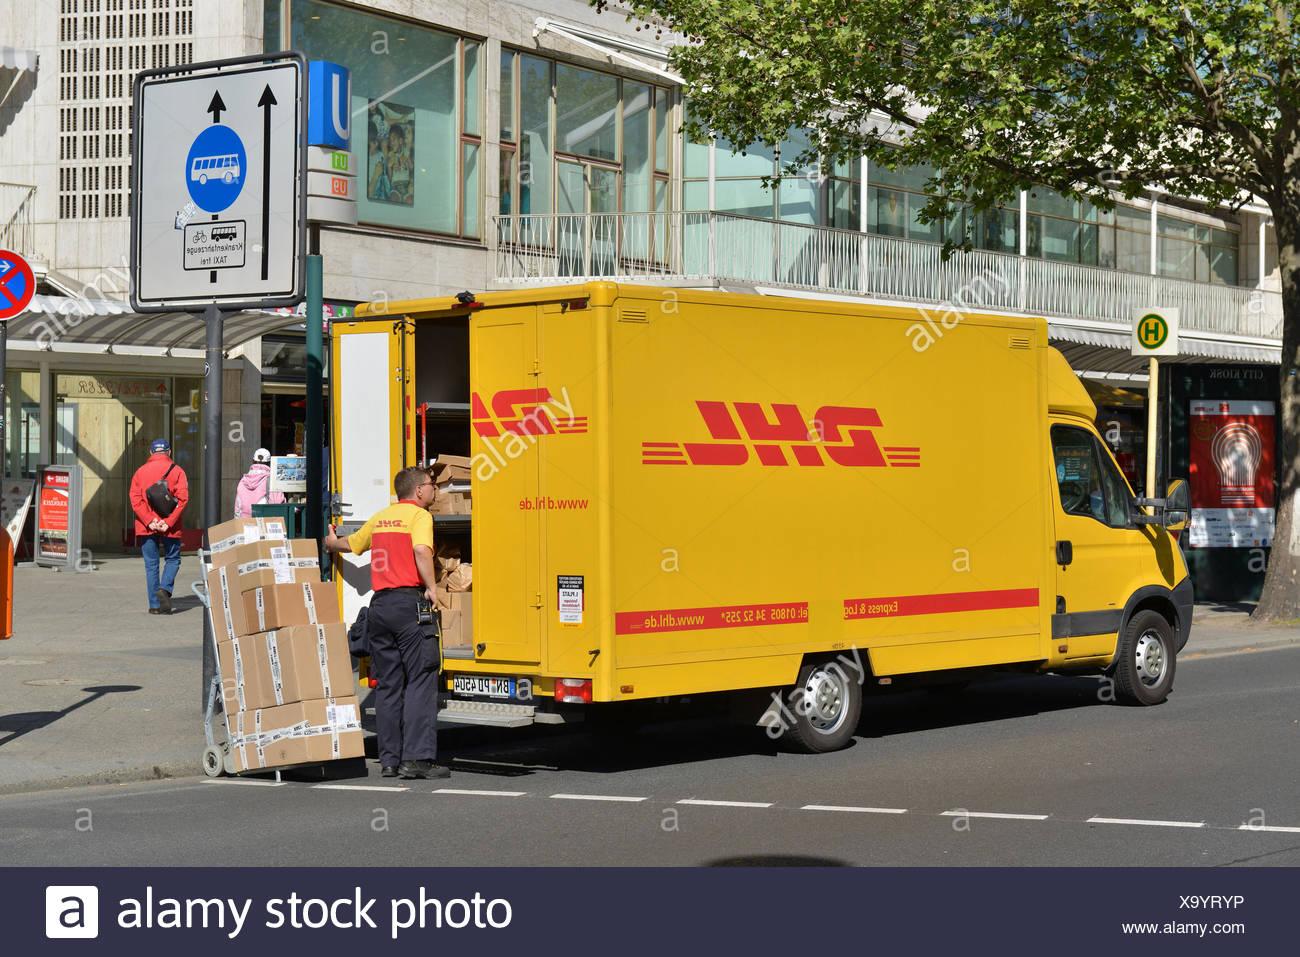 DHL, Paketbote, Tauentzienstrasse, Charlottenburg, Berlin, Deutschland Stockbild